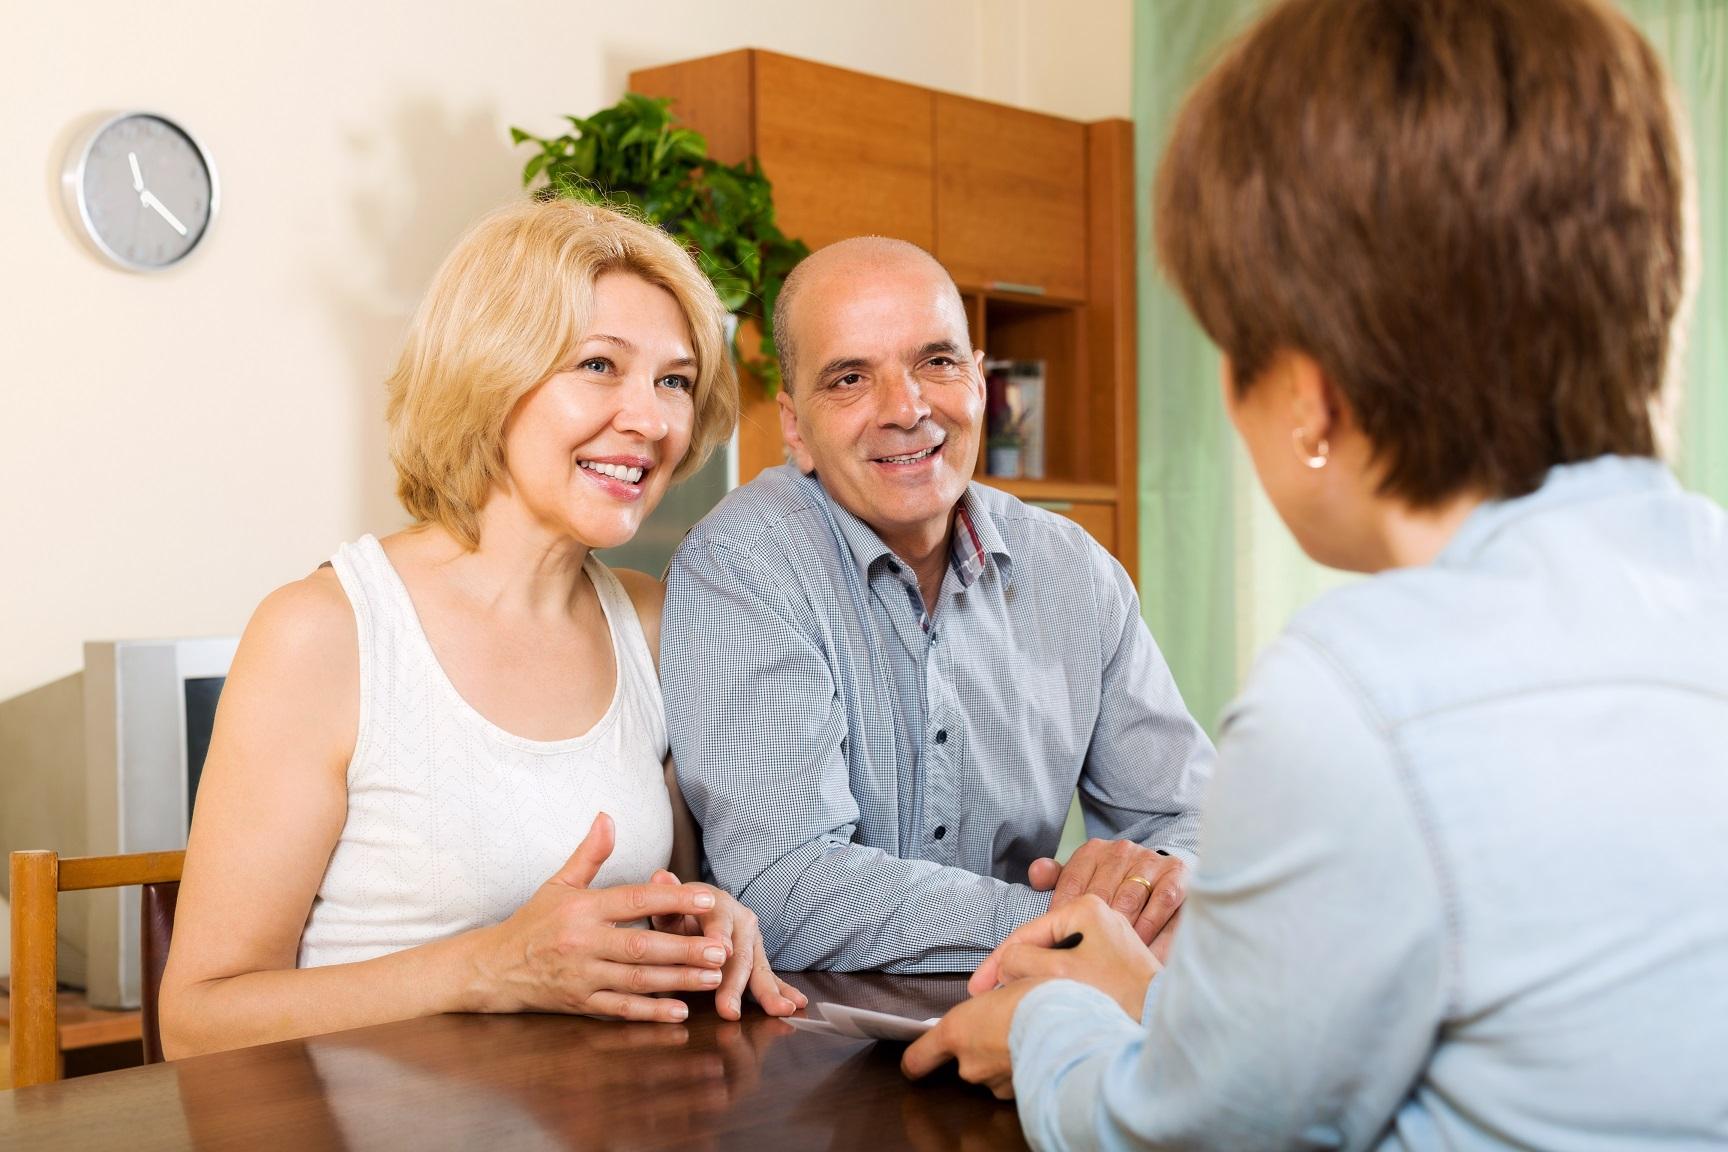 5 dicas para escolher o melhor corretor de plano de saúde